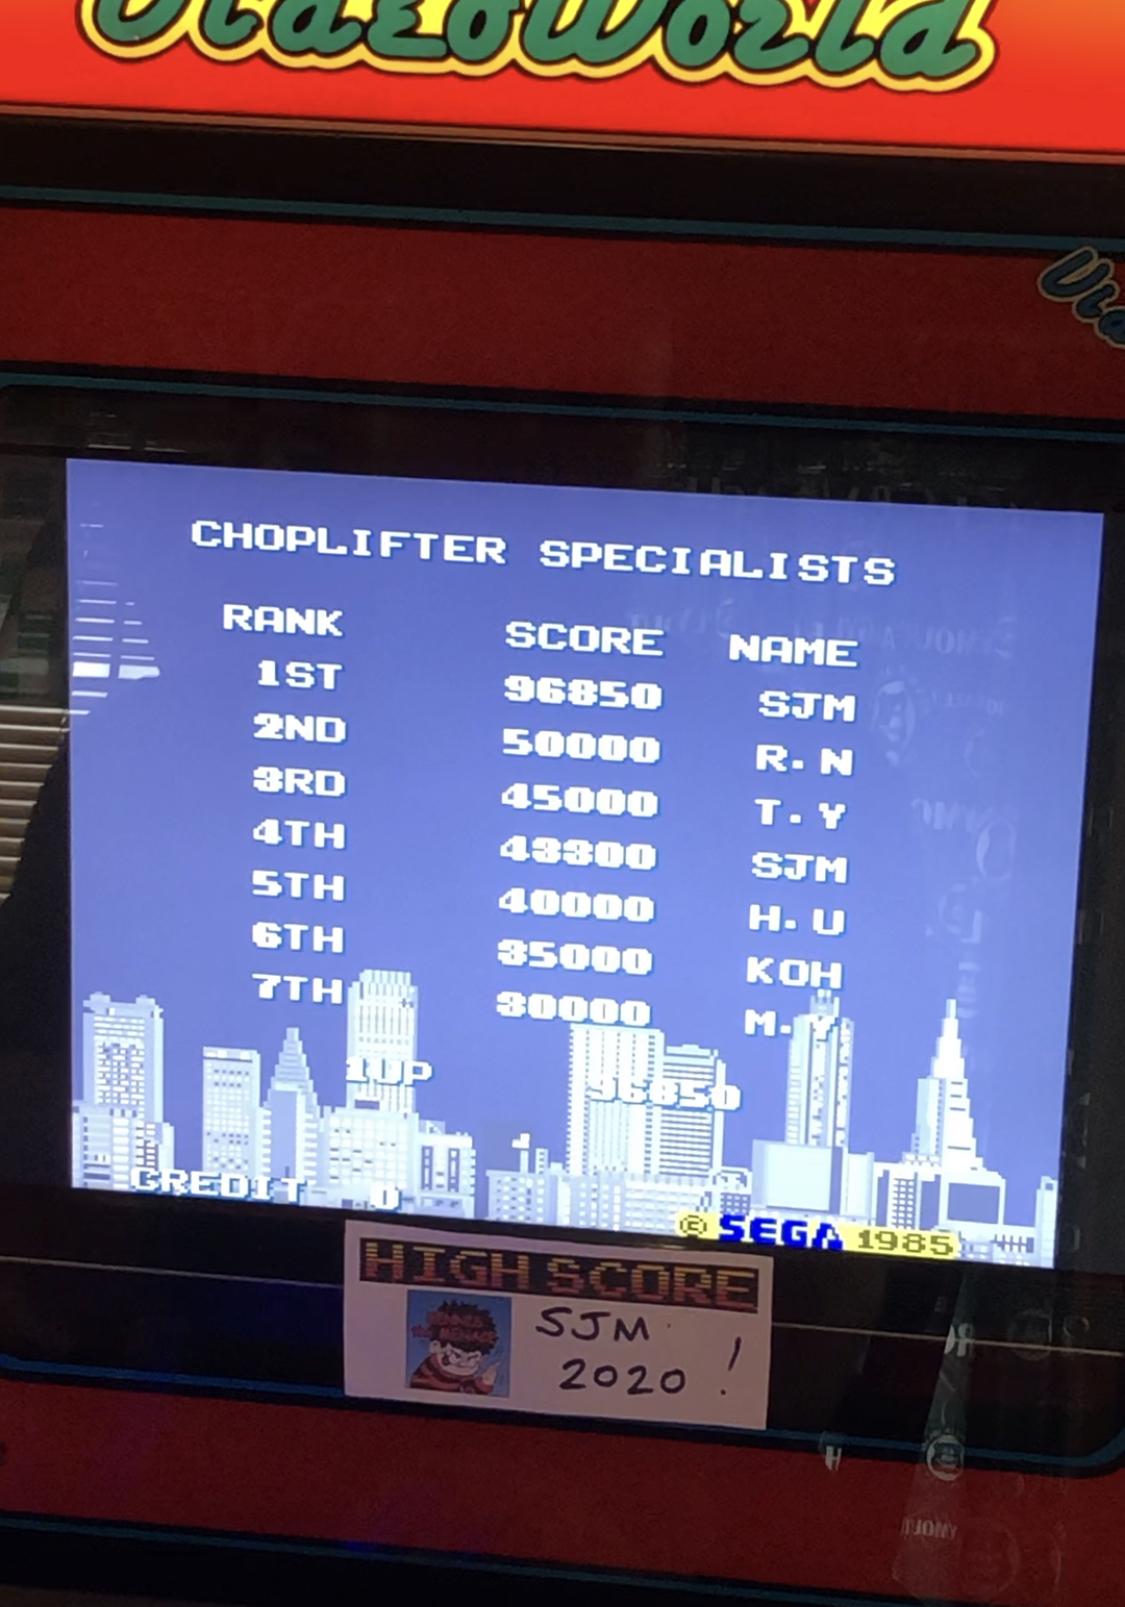 Choplifter 96,850 points